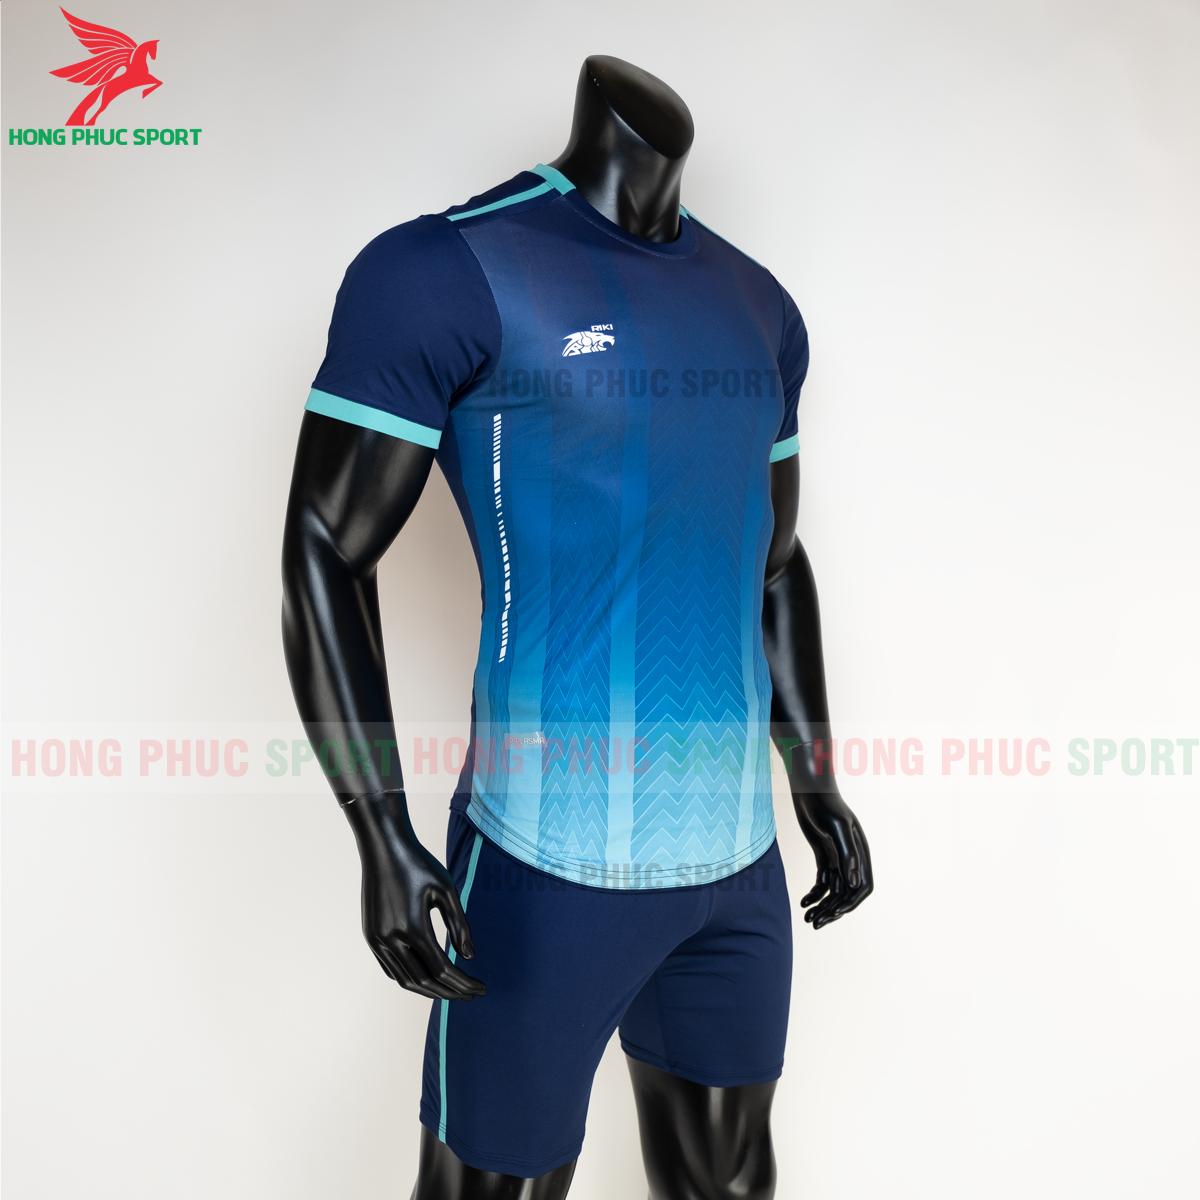 https://cdn.hongphucsport.com/unsafe/s4.shopbay.vn/files/285/ao-bong-da-khong-logo-riki-furior-mau-xanh-duong-6-6050192497ec1.png